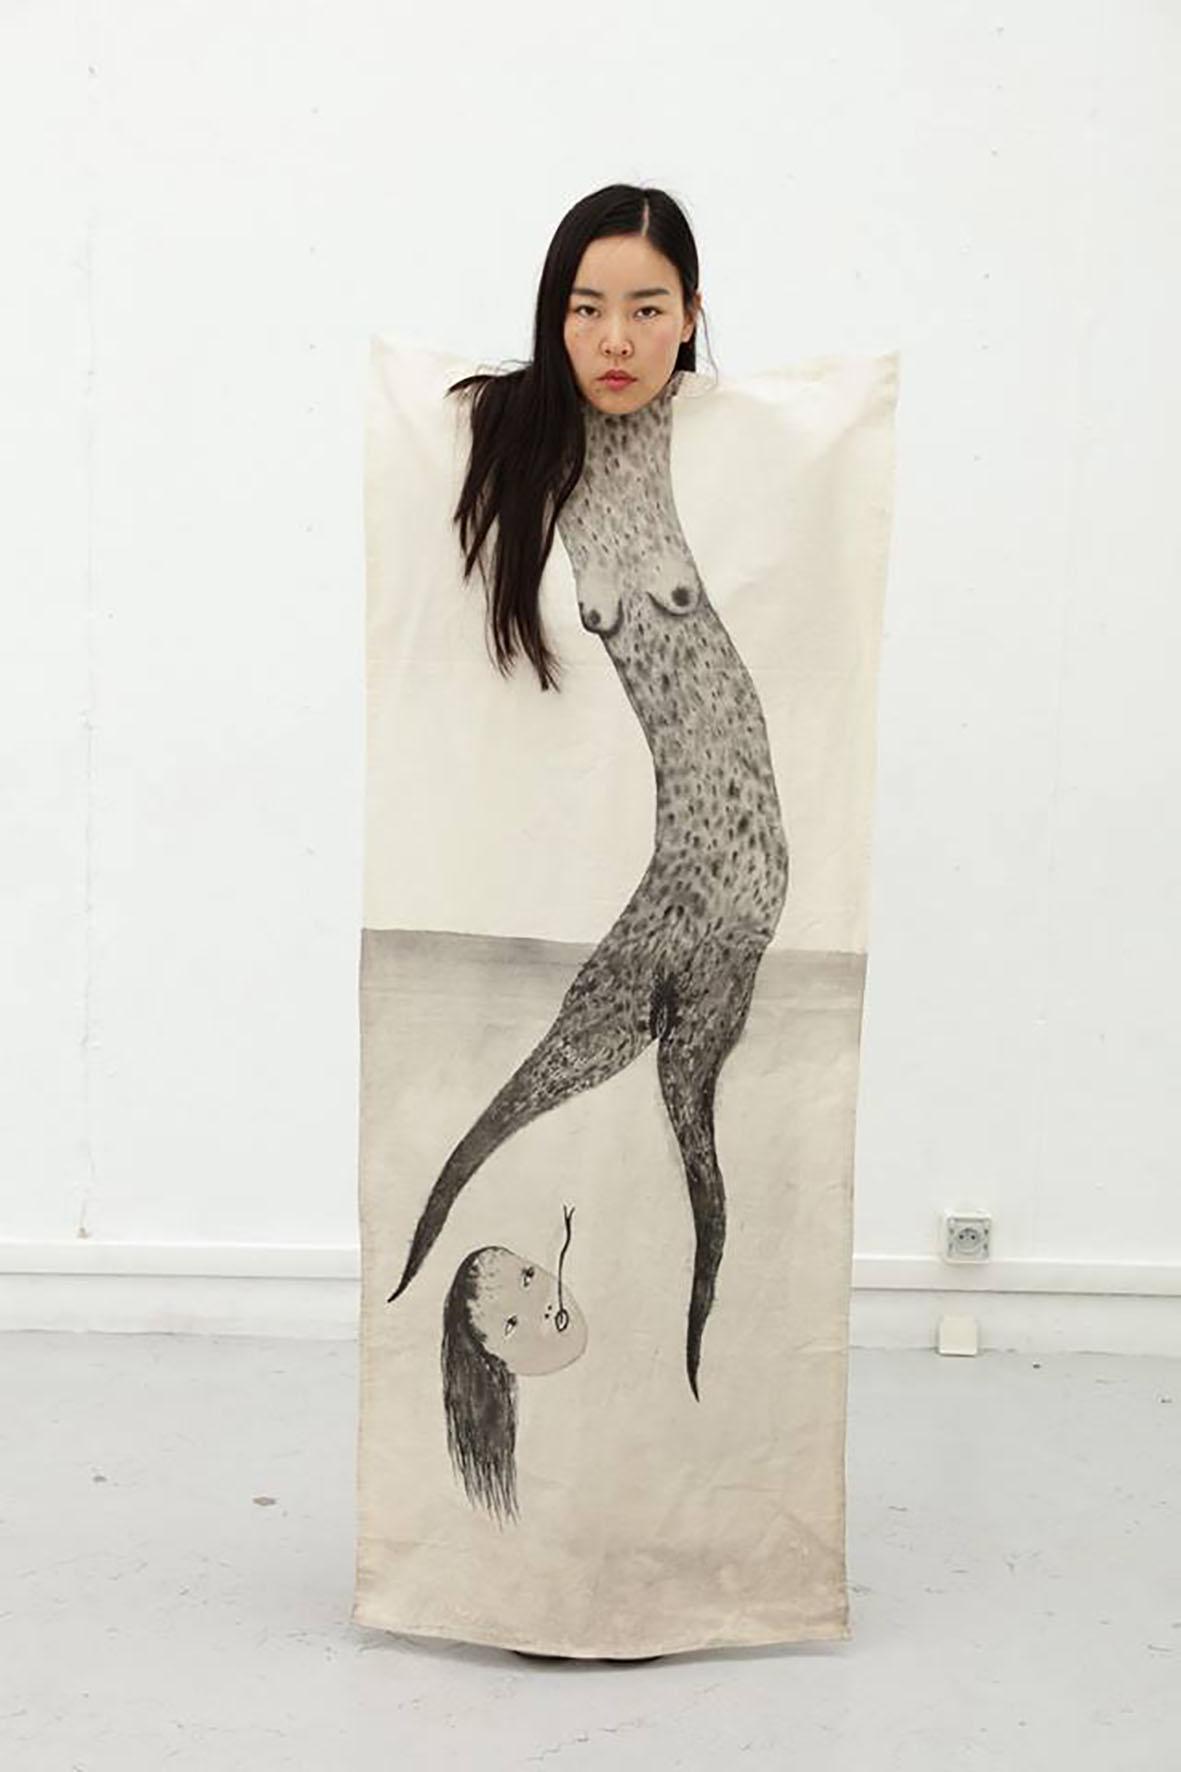 Femme serpent, 2016